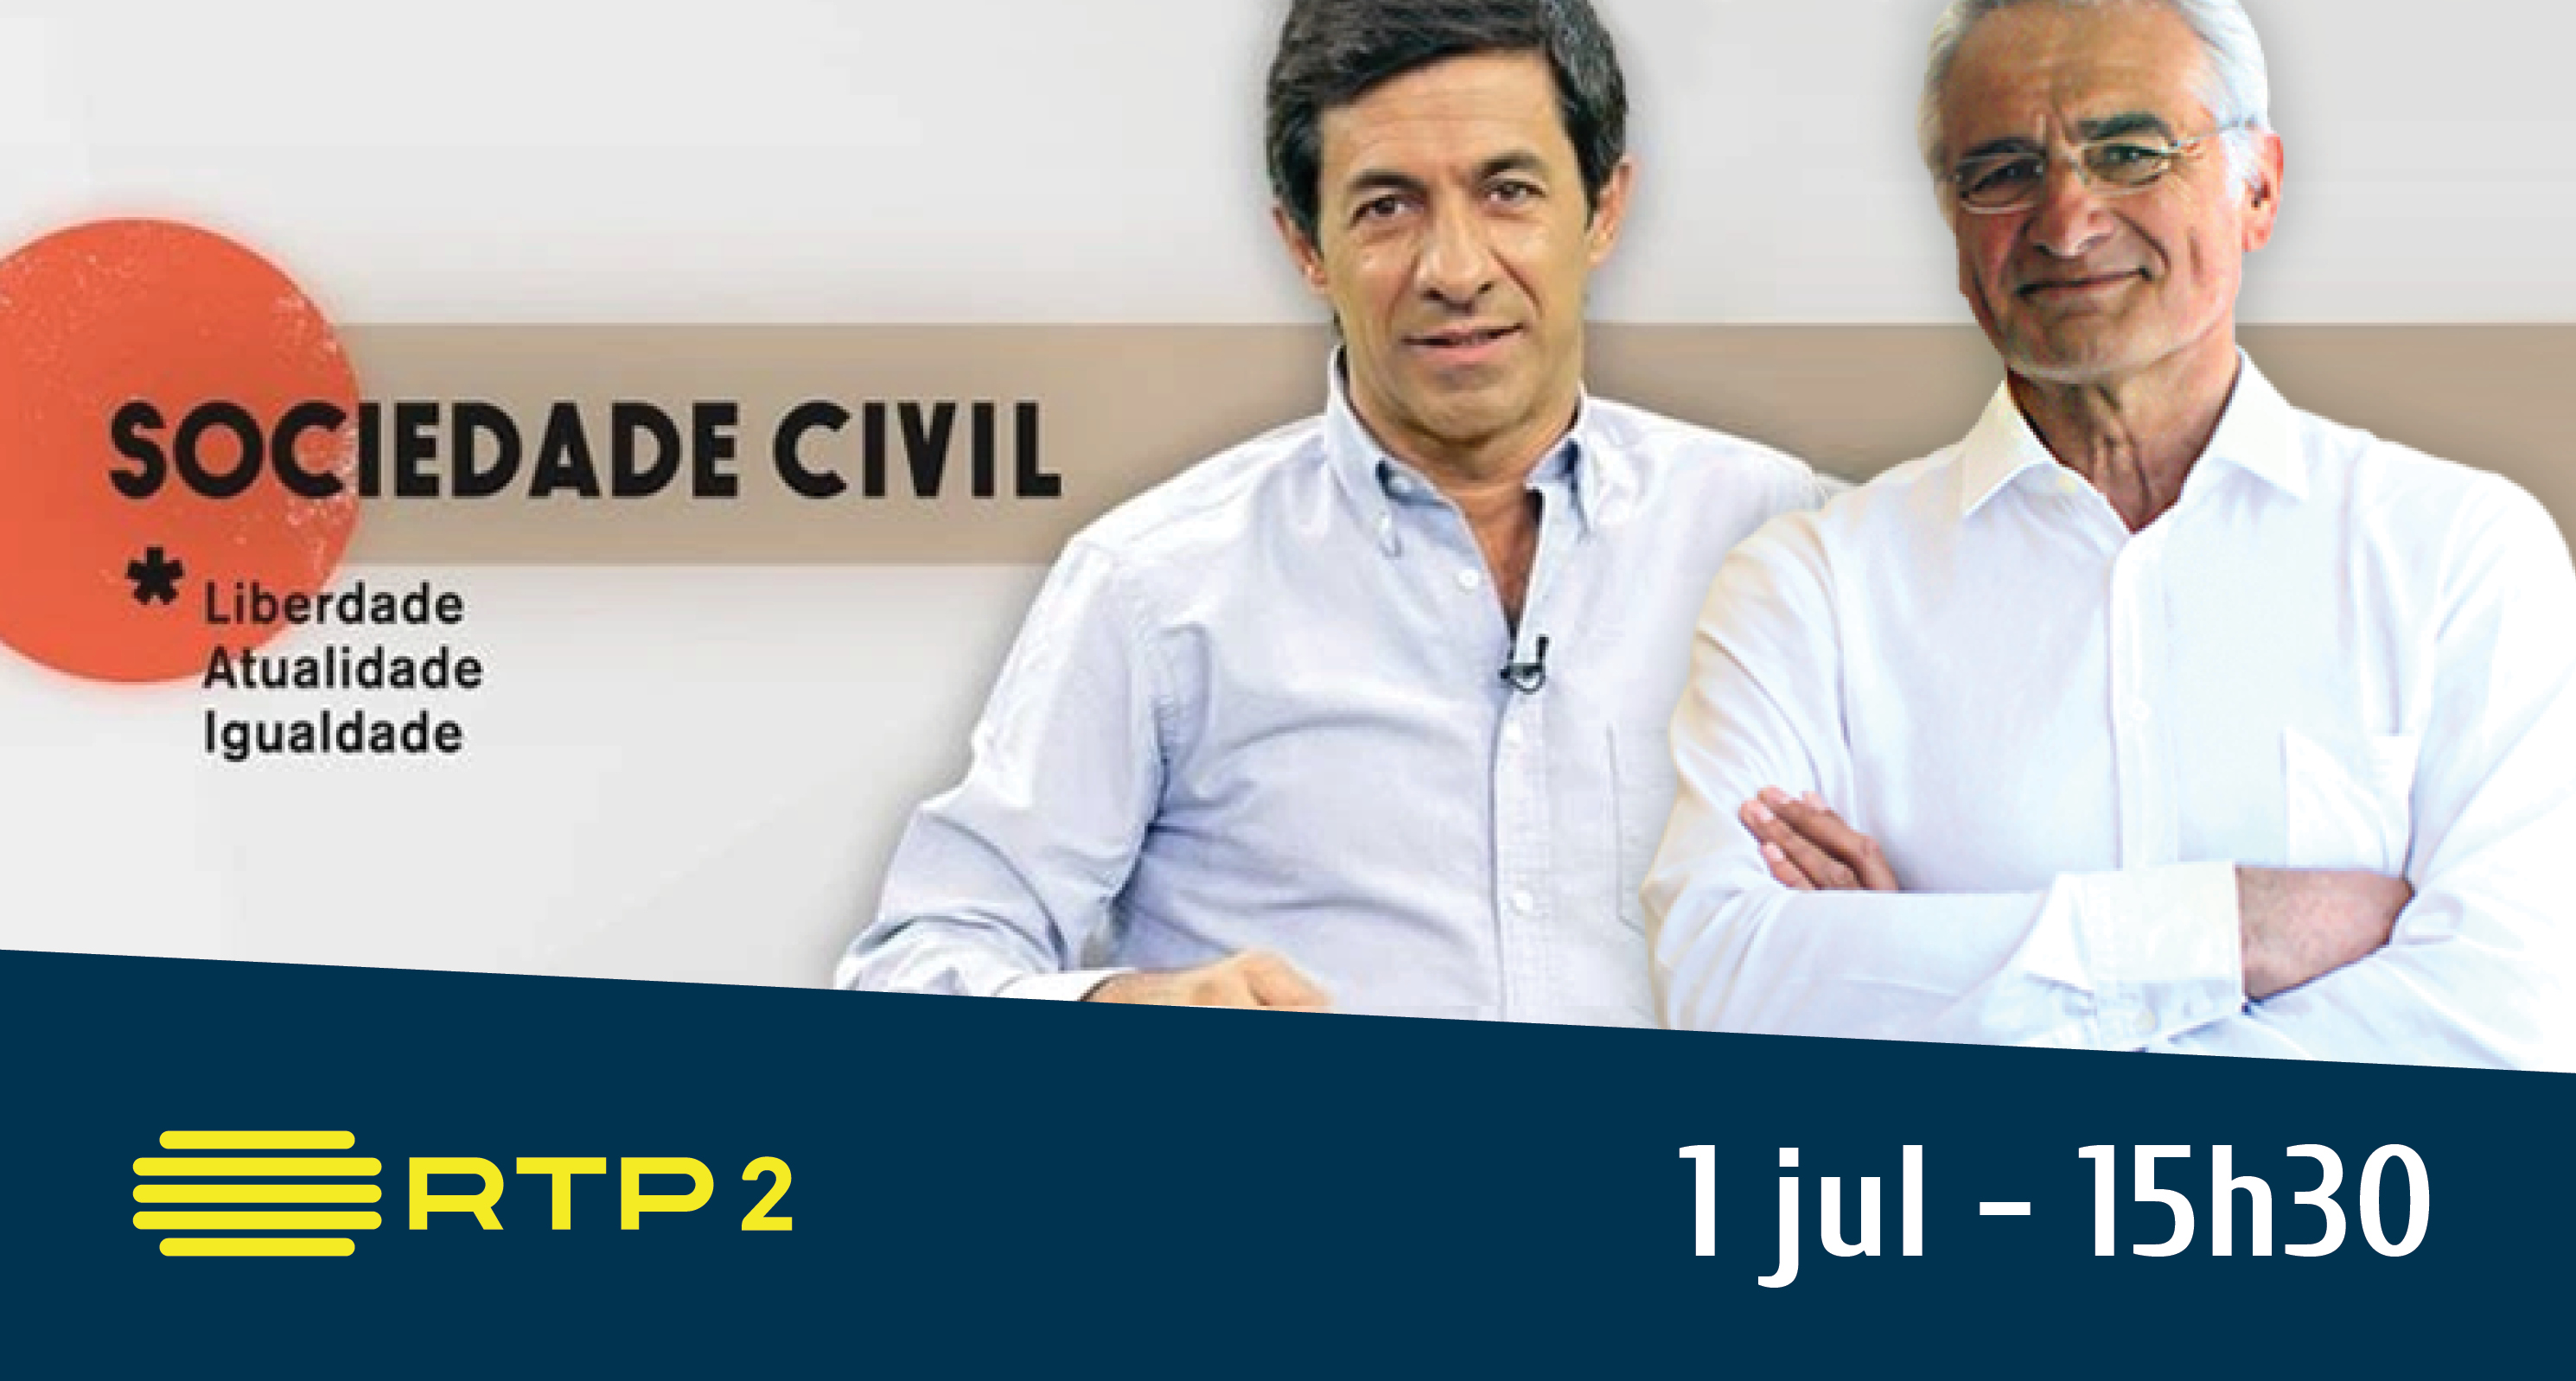 Plataforma Notícias Ordem Engenheiros Região Norte - Poças Martins na RTP2, dia 1 julho